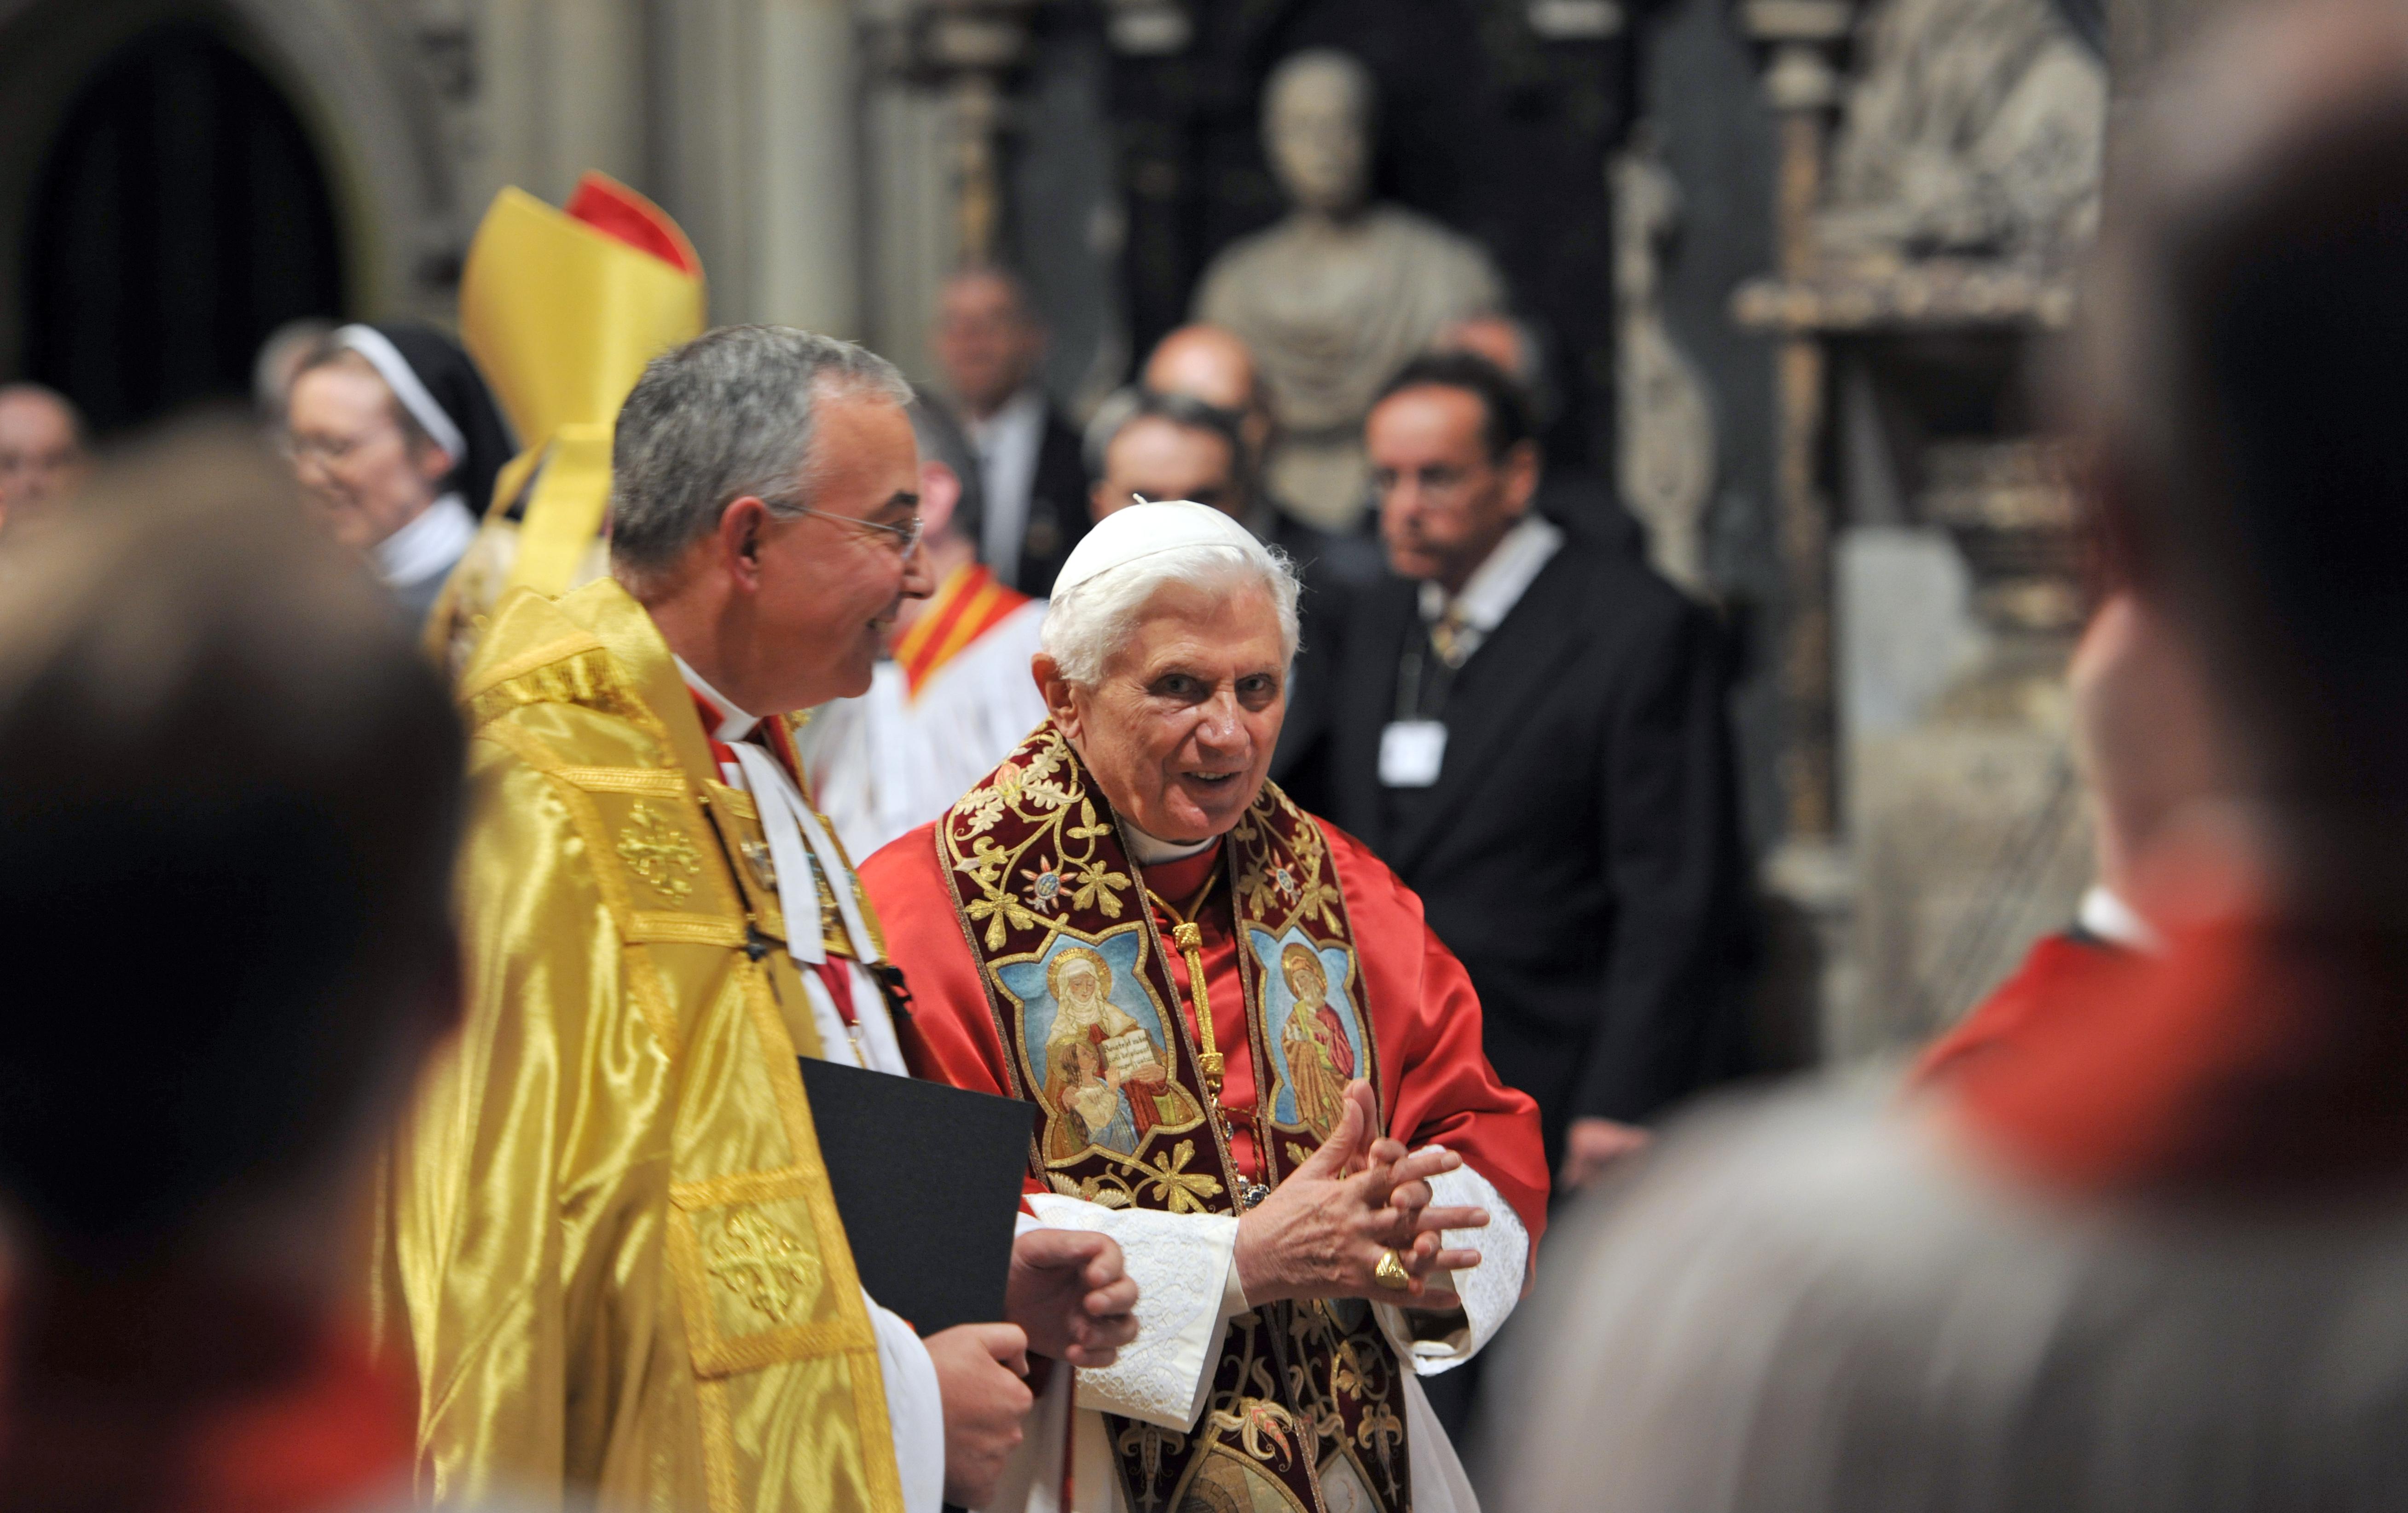 Benedicto XVI envía carta donde asegura que se acerca su muerte